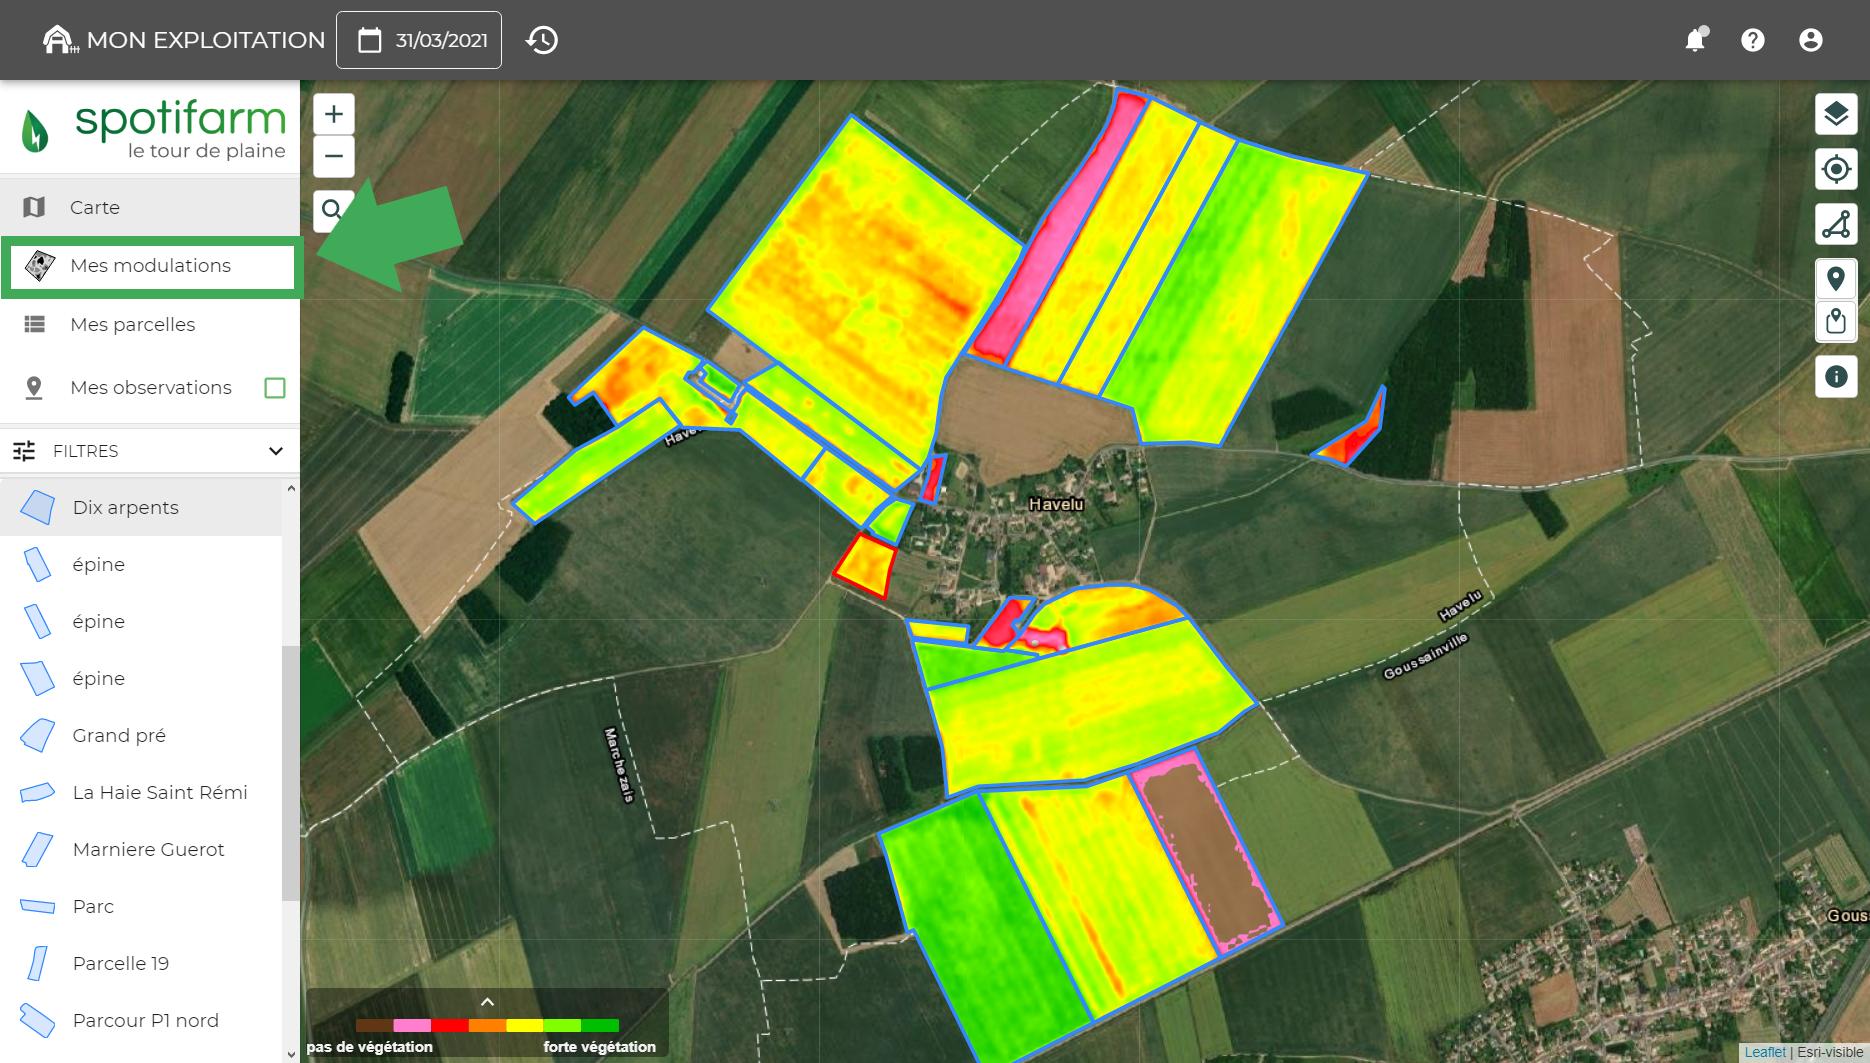 imagerie-satellite-indice-vegetation-spotifarm-ndvi-biomasse-teledetection-agriculture-prescription-VRA-variabilite-intraparcellaire-suivi-croissance-